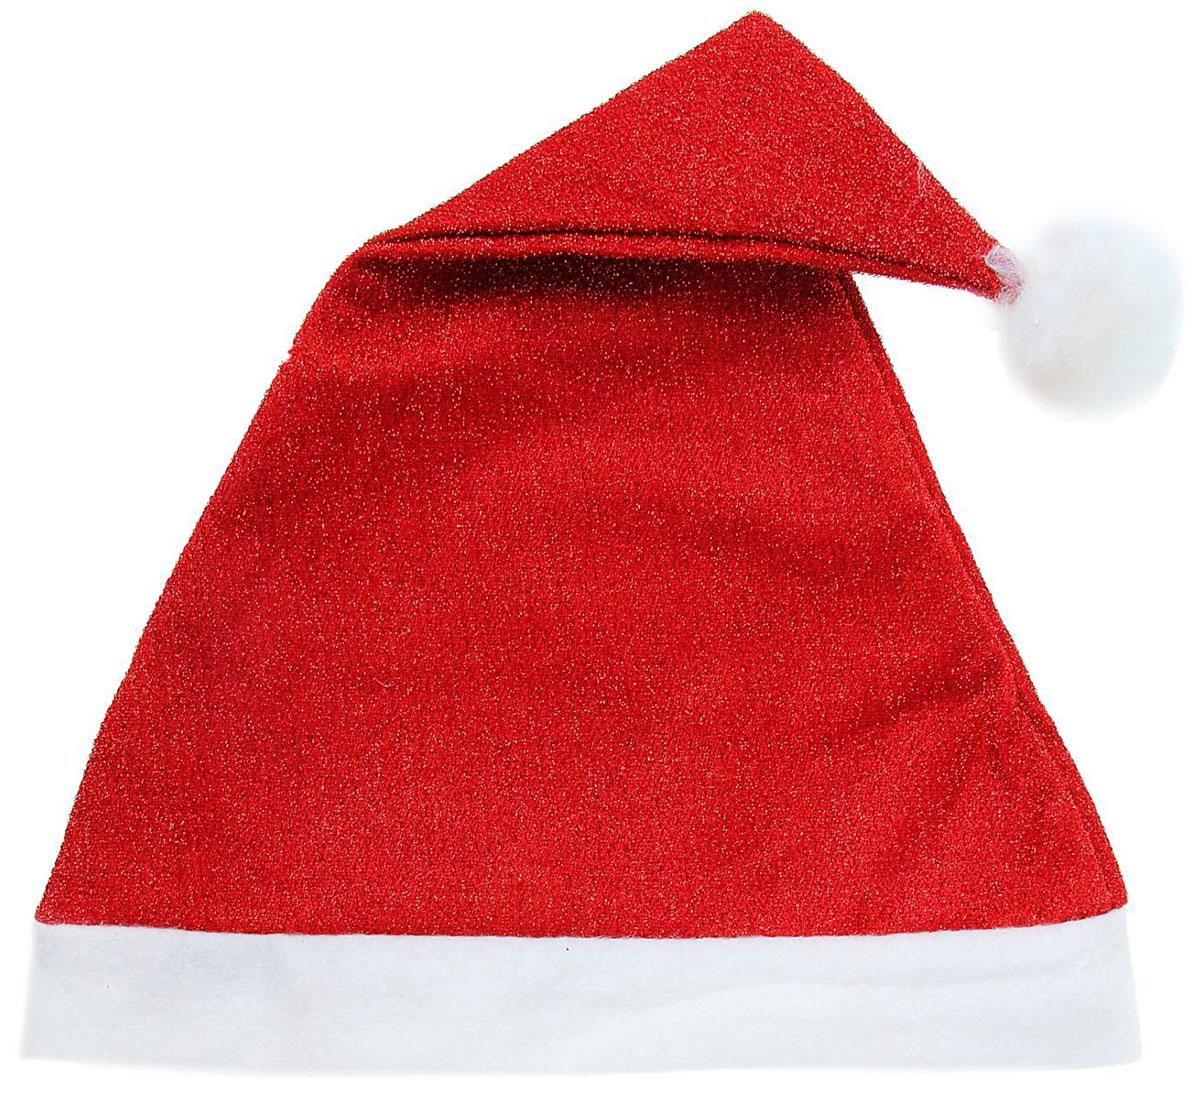 Колпак новогодний, с люрексом, цвет: красный, 29 х 40 см1112363Поддайтесь новогоднему веселью на полную катушку! Забавный колпак в секунду создаст праздничное настроение, будь то поздравление ребятишек или вечеринка с друзьями. Размер изделия универсальный: аксессуар подойдет как для ребенка, так и для взрослого. А мягкий текстиль позволит носить колпак с комфортом на протяжении всей новогодней ночи.